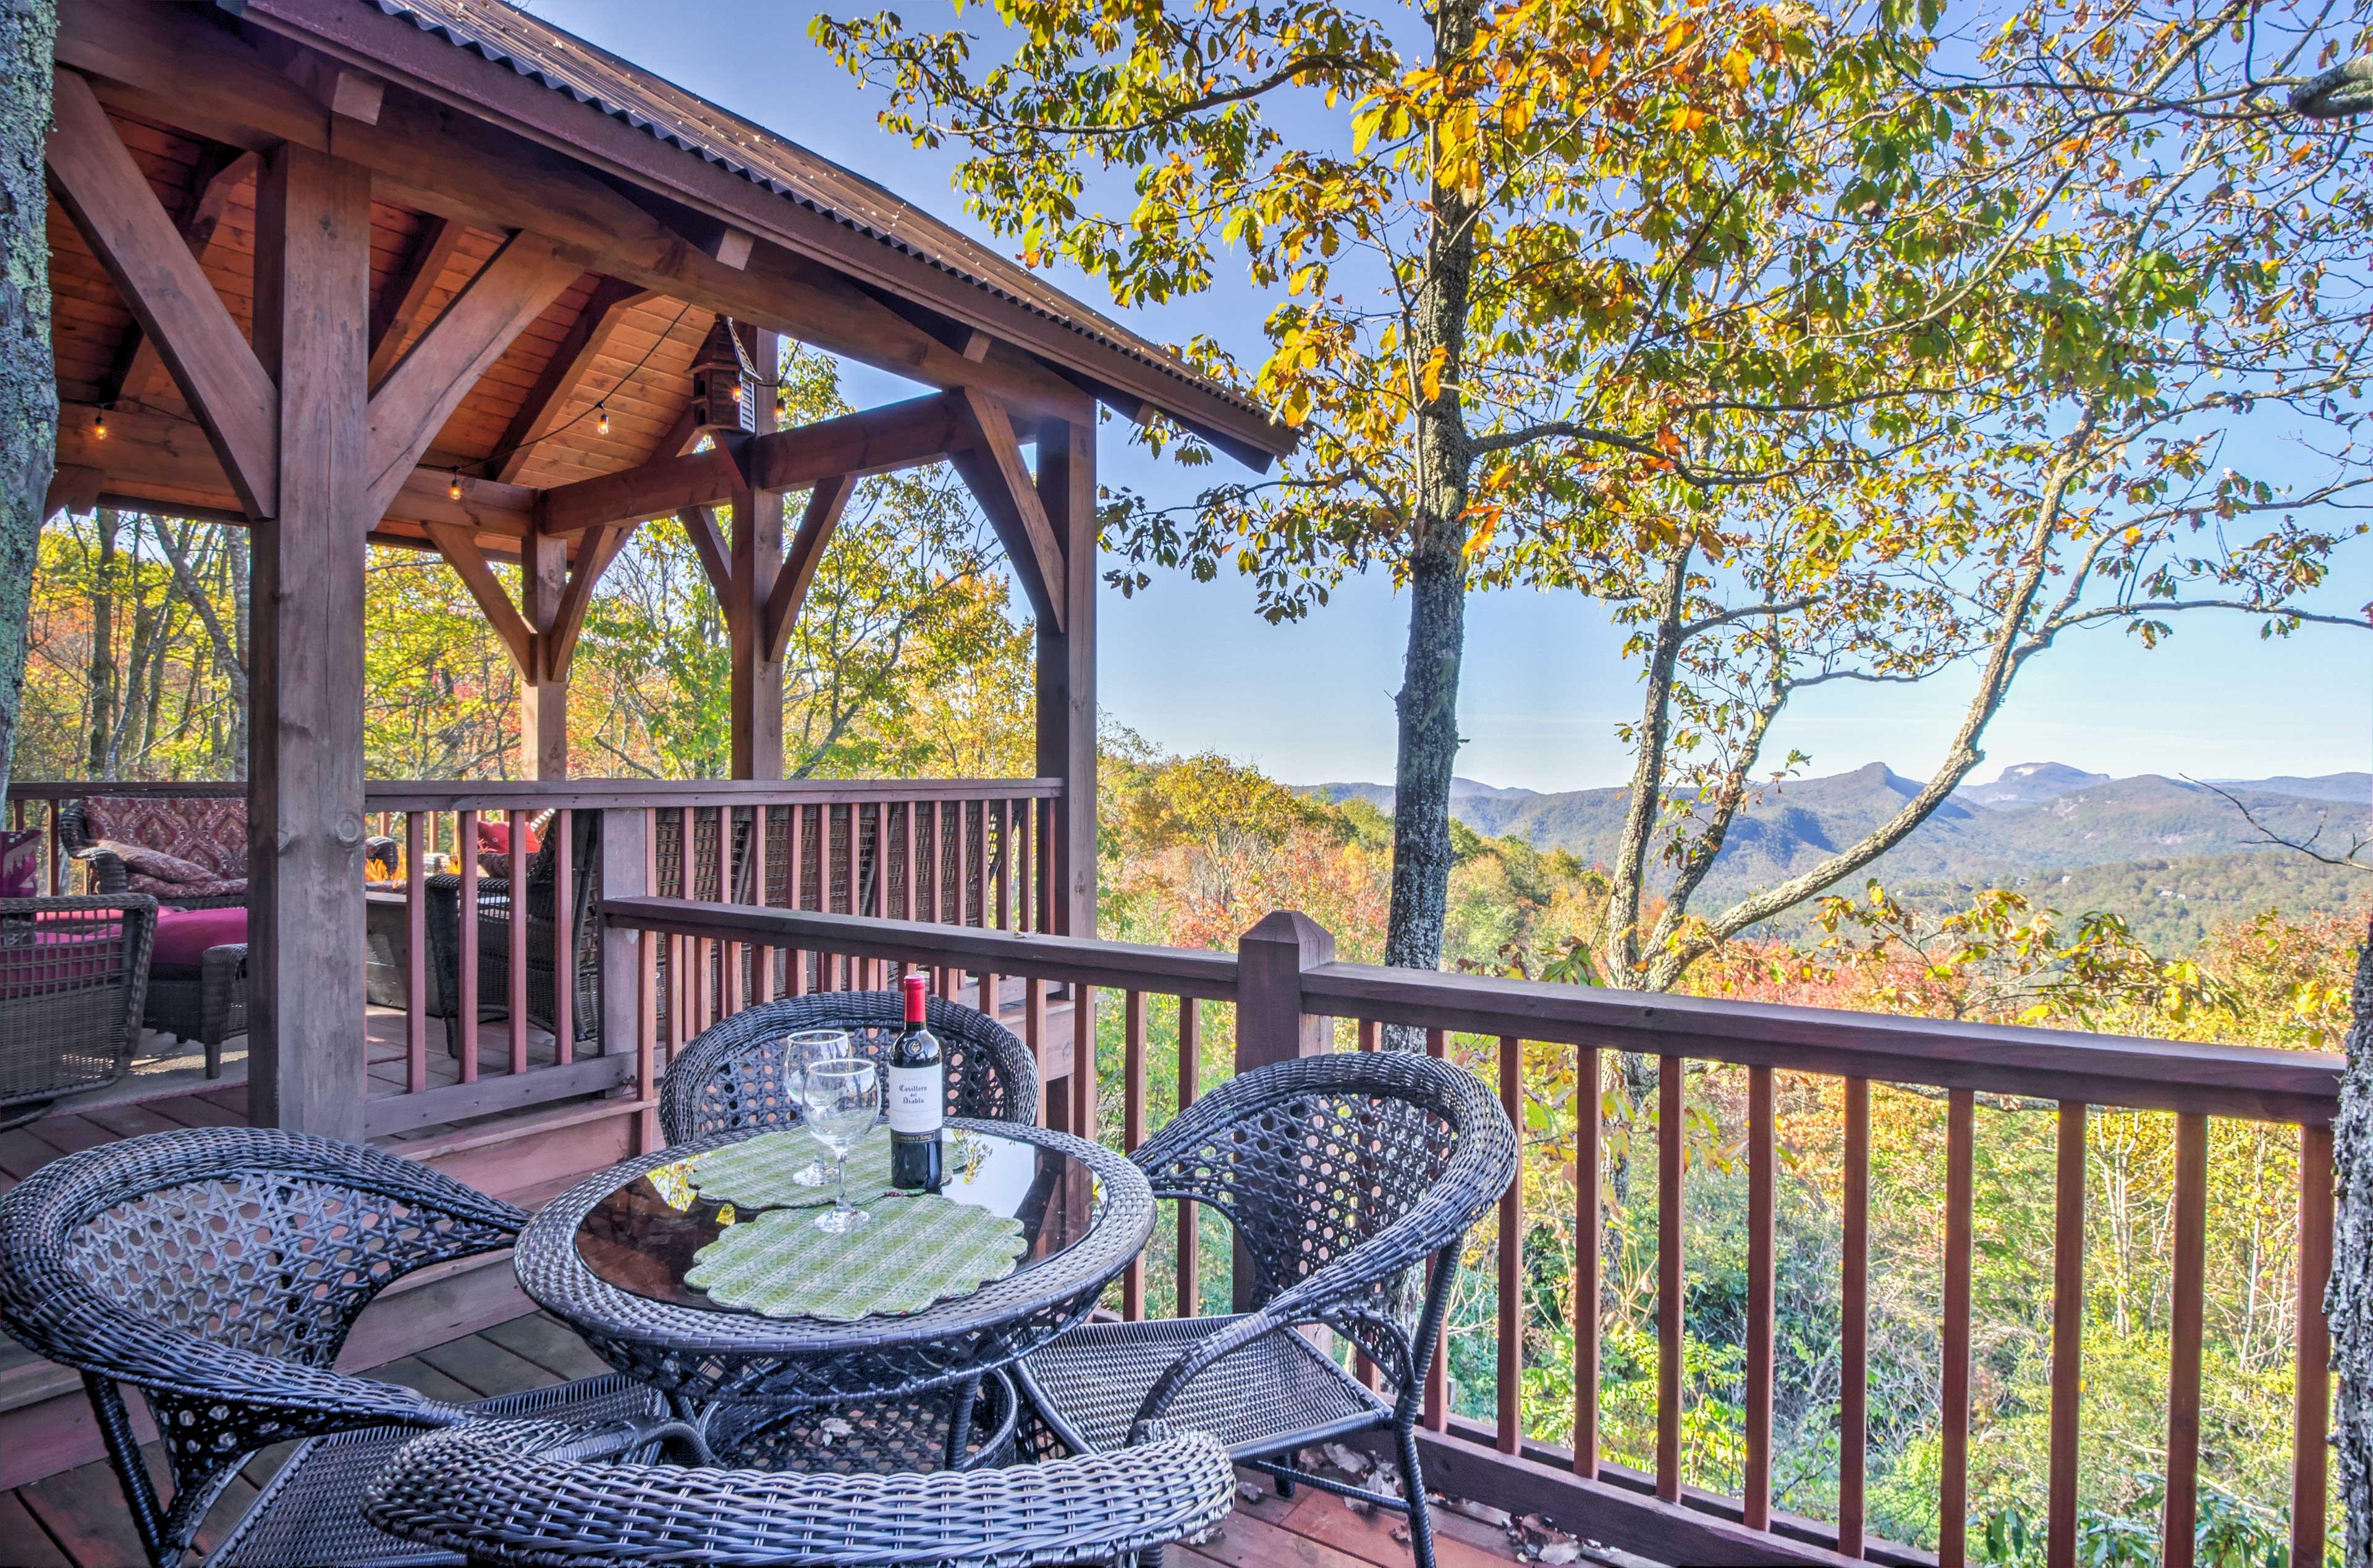 Dine al fresco on the patio with mountain vistas!